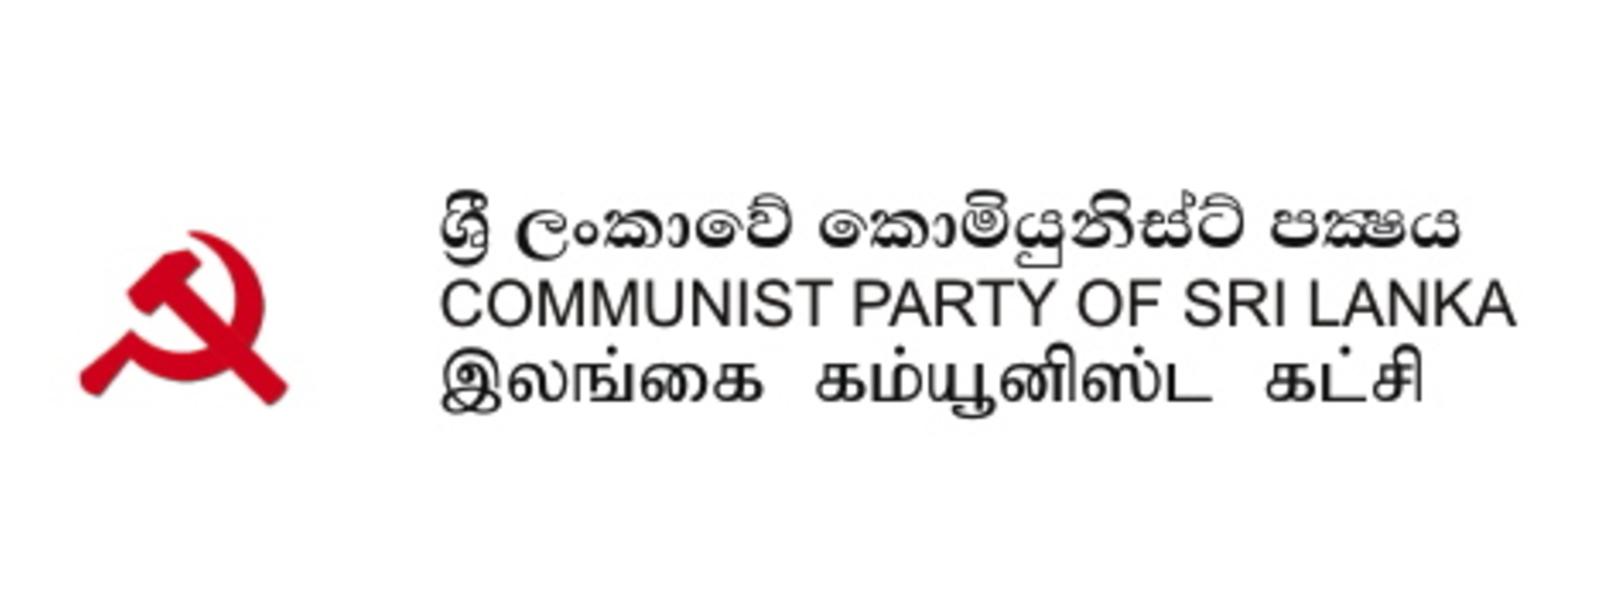 Seven political parties convene at Communist Party HQ